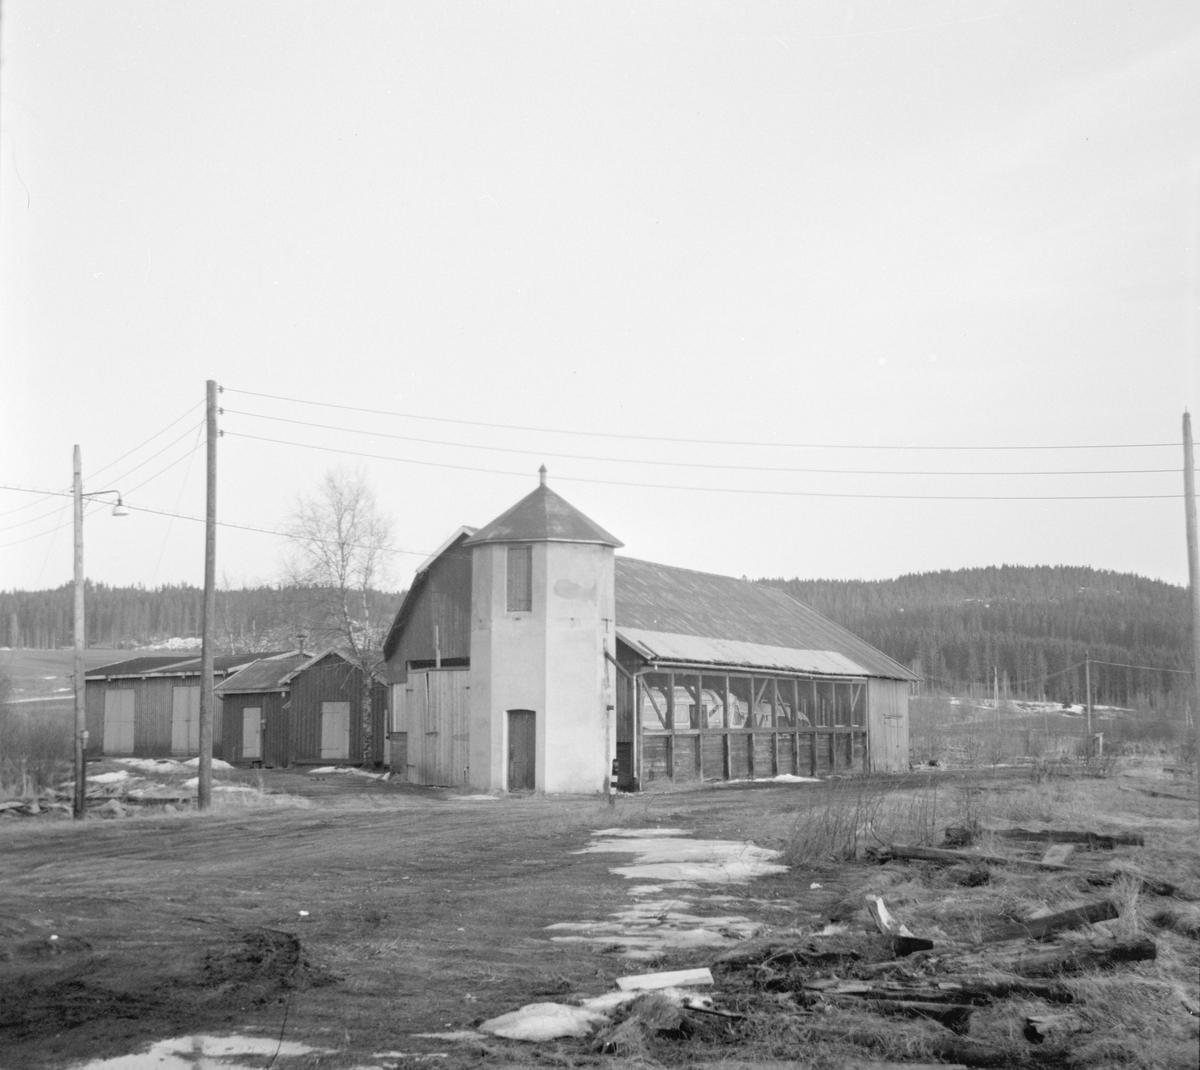 Urskog-Hølandsbanens vanntårn og kullskur på Bjørkelangen stasjon står fortsatt, åtte år etter banens nedleggelse.